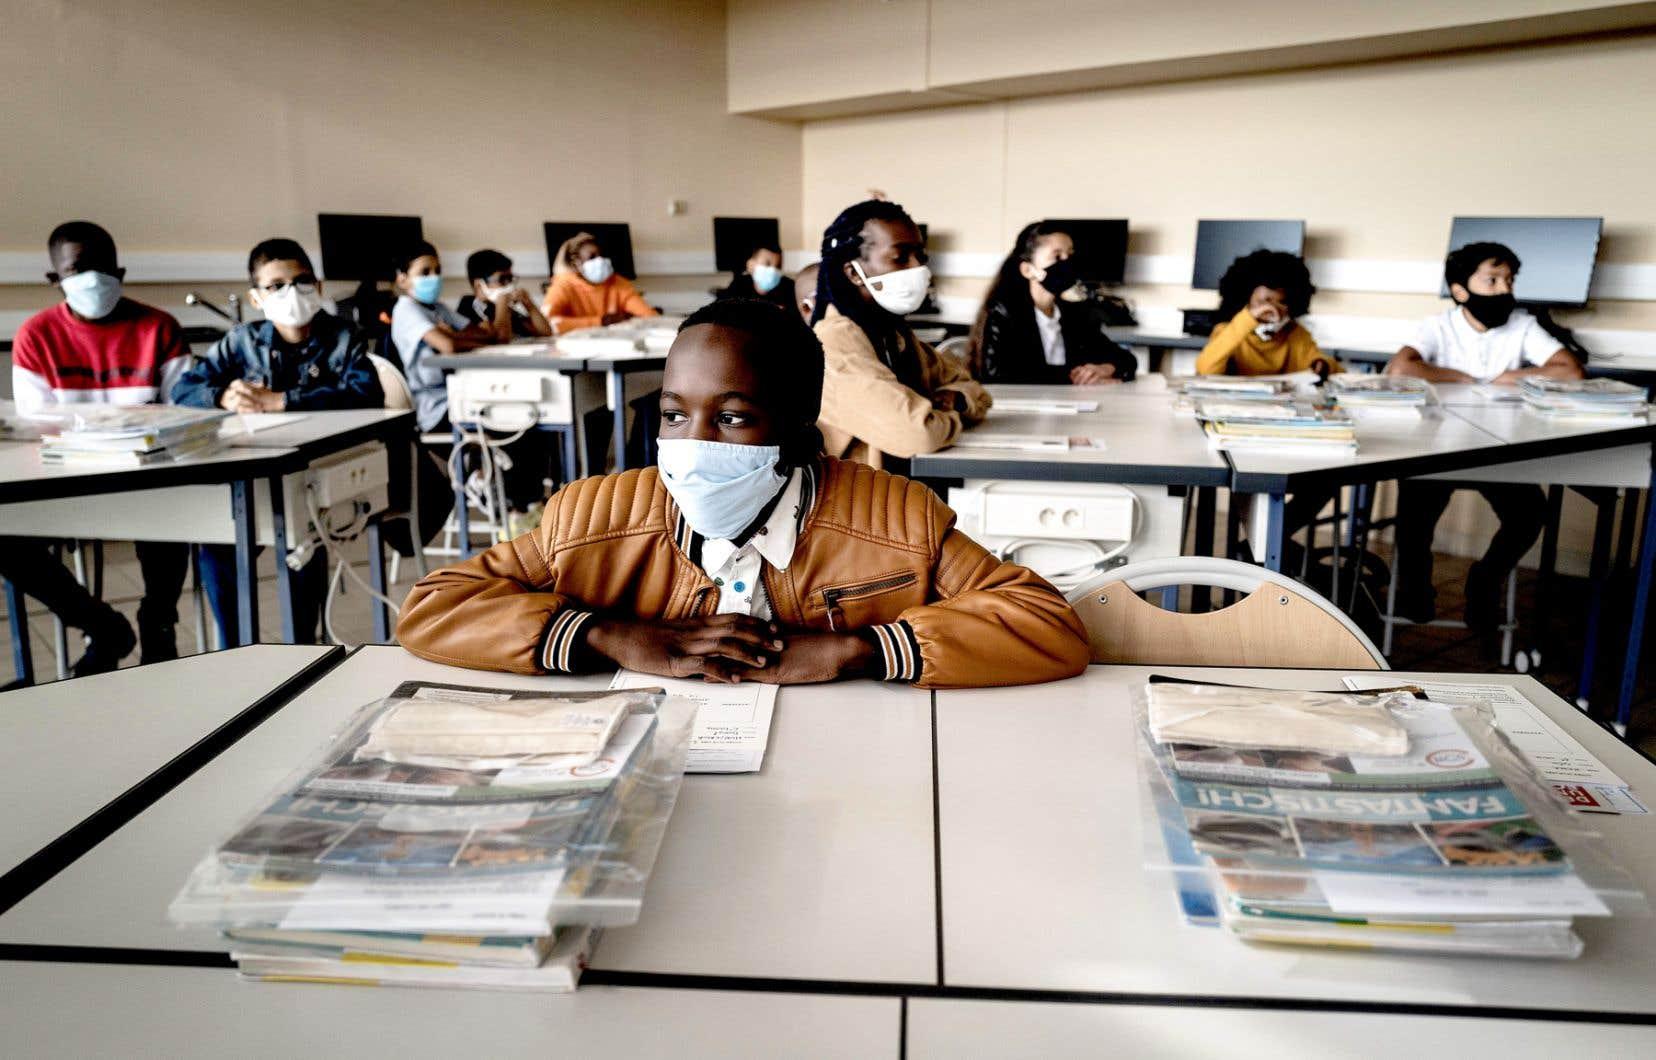 Dans les écoles françaises, le port du masque est obligatoire pour les enseignants et les élèves à partir de 11 ans.